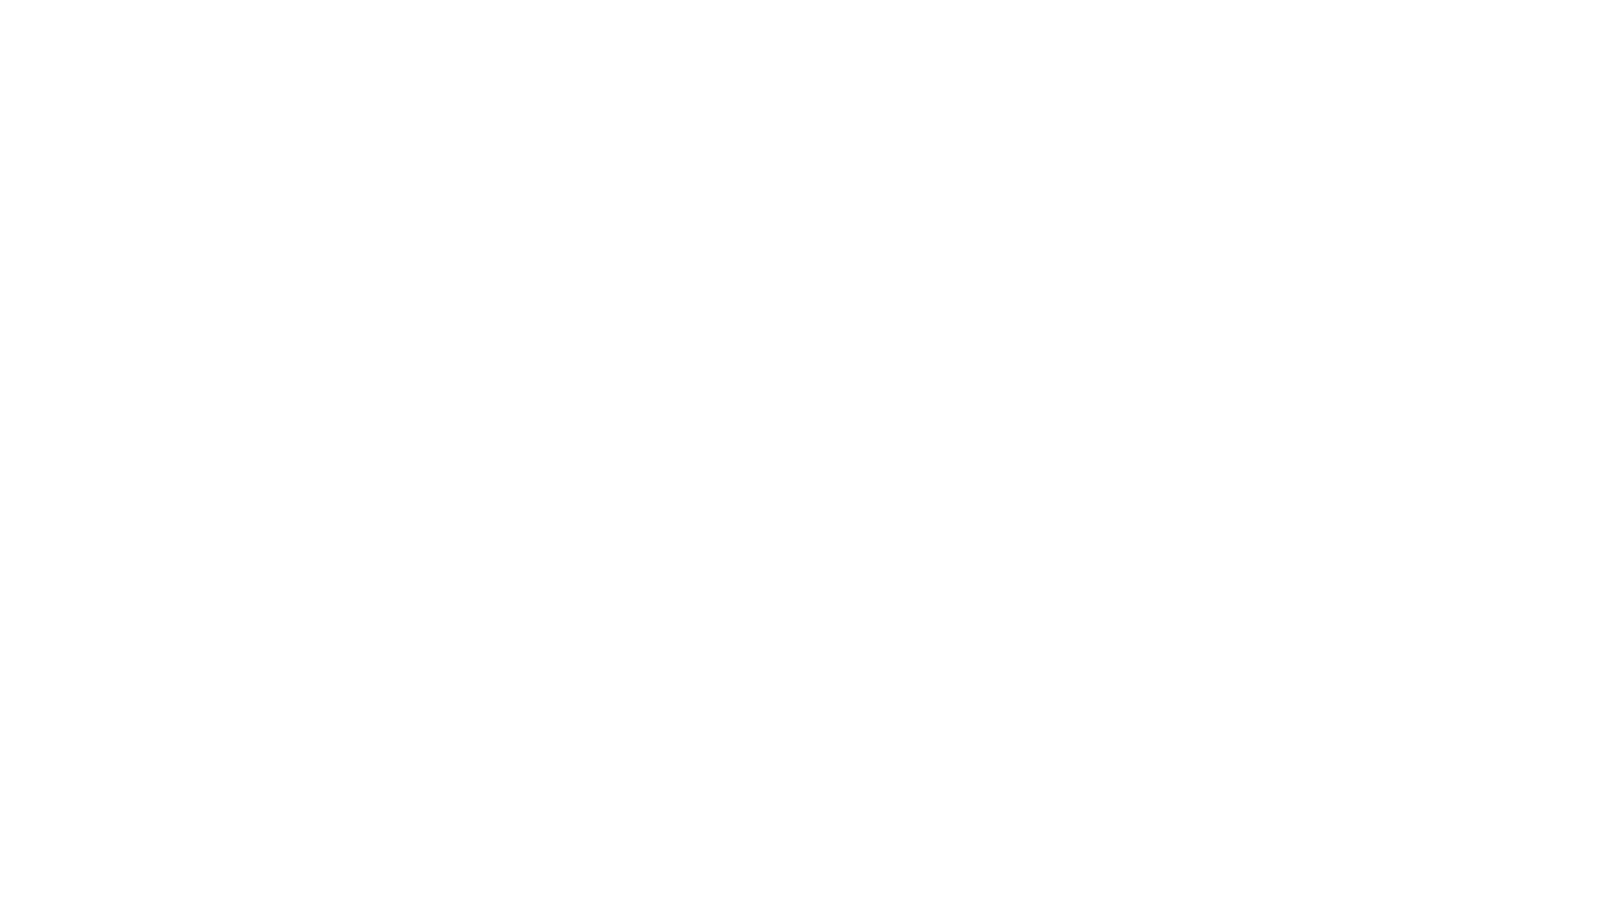 """SALVE ESSA DATA!  O Colégio Nacional de Defensores Públicos-Gerais (Condege) junto ao Conselho Nacional dos Corregedores Gerais (@cncgoficial) e à Defensoria Pública da União (@dpunacional) lançam a """"Pesquisa Nacional da Defensoria Pública 2021"""".  No dia 21 de maio, às 10h, a apresentação da Pesquisa será transmitida no canal oficial do Condege (Youtube).  Ao mapear as principais demandas das Defensorias Públicas de todo país, a pesquisa pode orientar a atuação estratégica para o aprimoramento do papel das instituições.   Saiba mais em: condege.org.br  #DefensoriaSim #DefensoriaParaTodos #Condege #MaioVerde"""